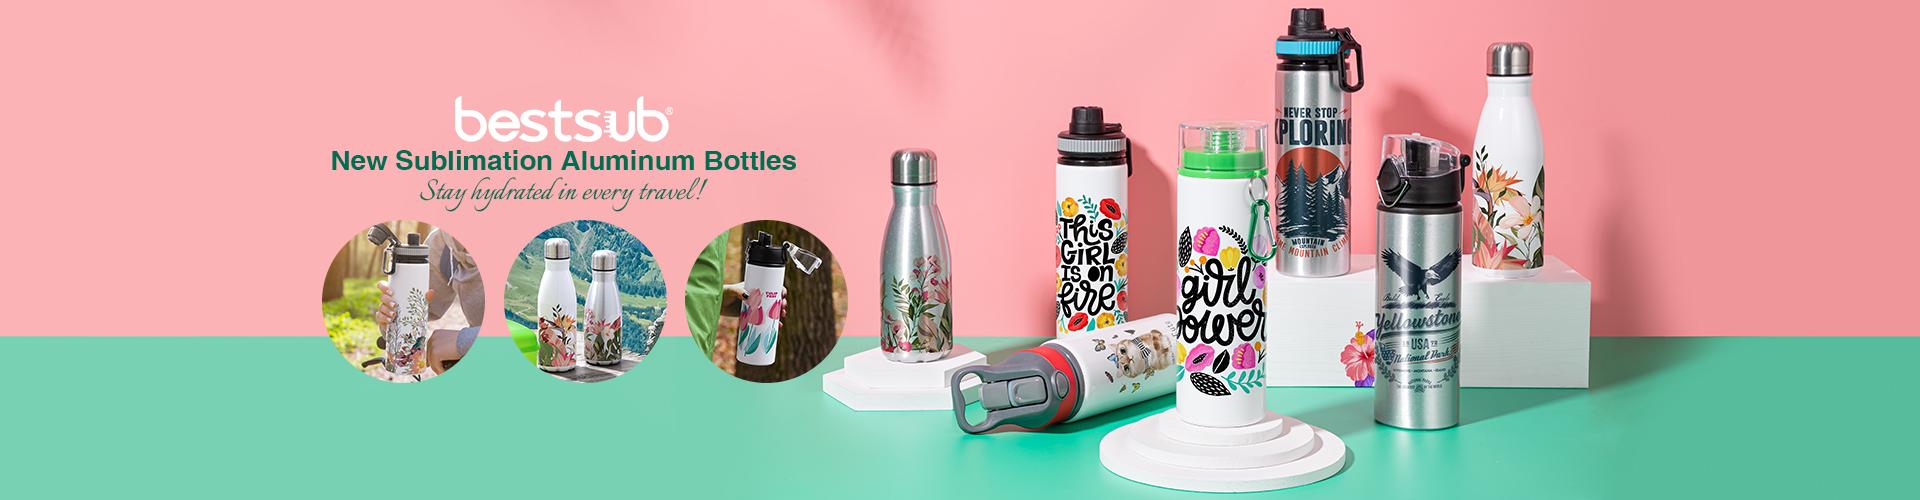 2021-02-06_New_Sublimation_Aluminum_Bottles_new_web